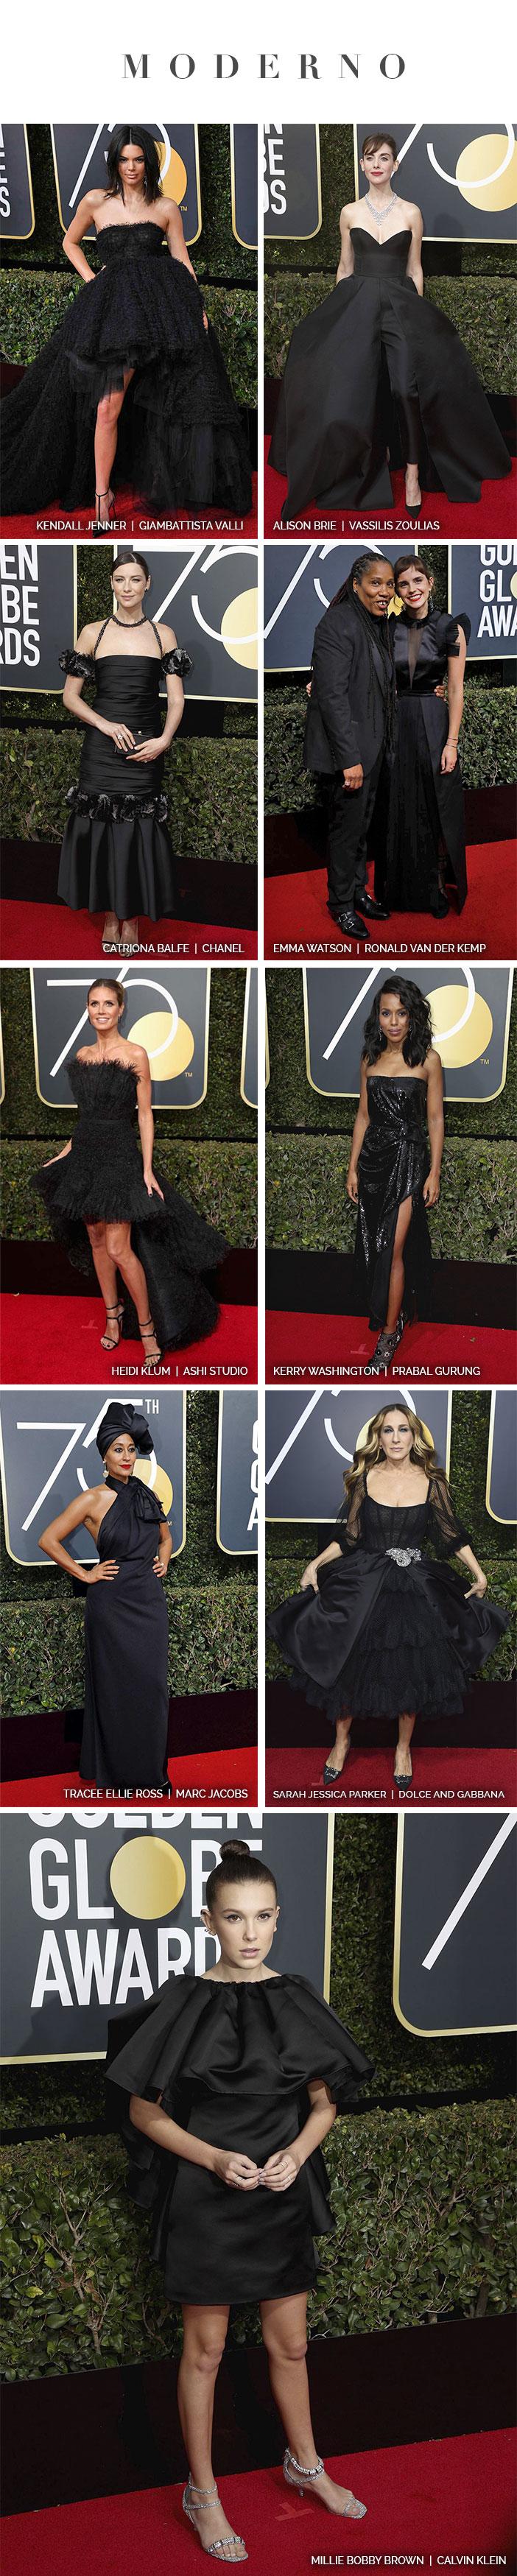 Red carpet: Golden Globe Awards 2018 - Looks Modernos